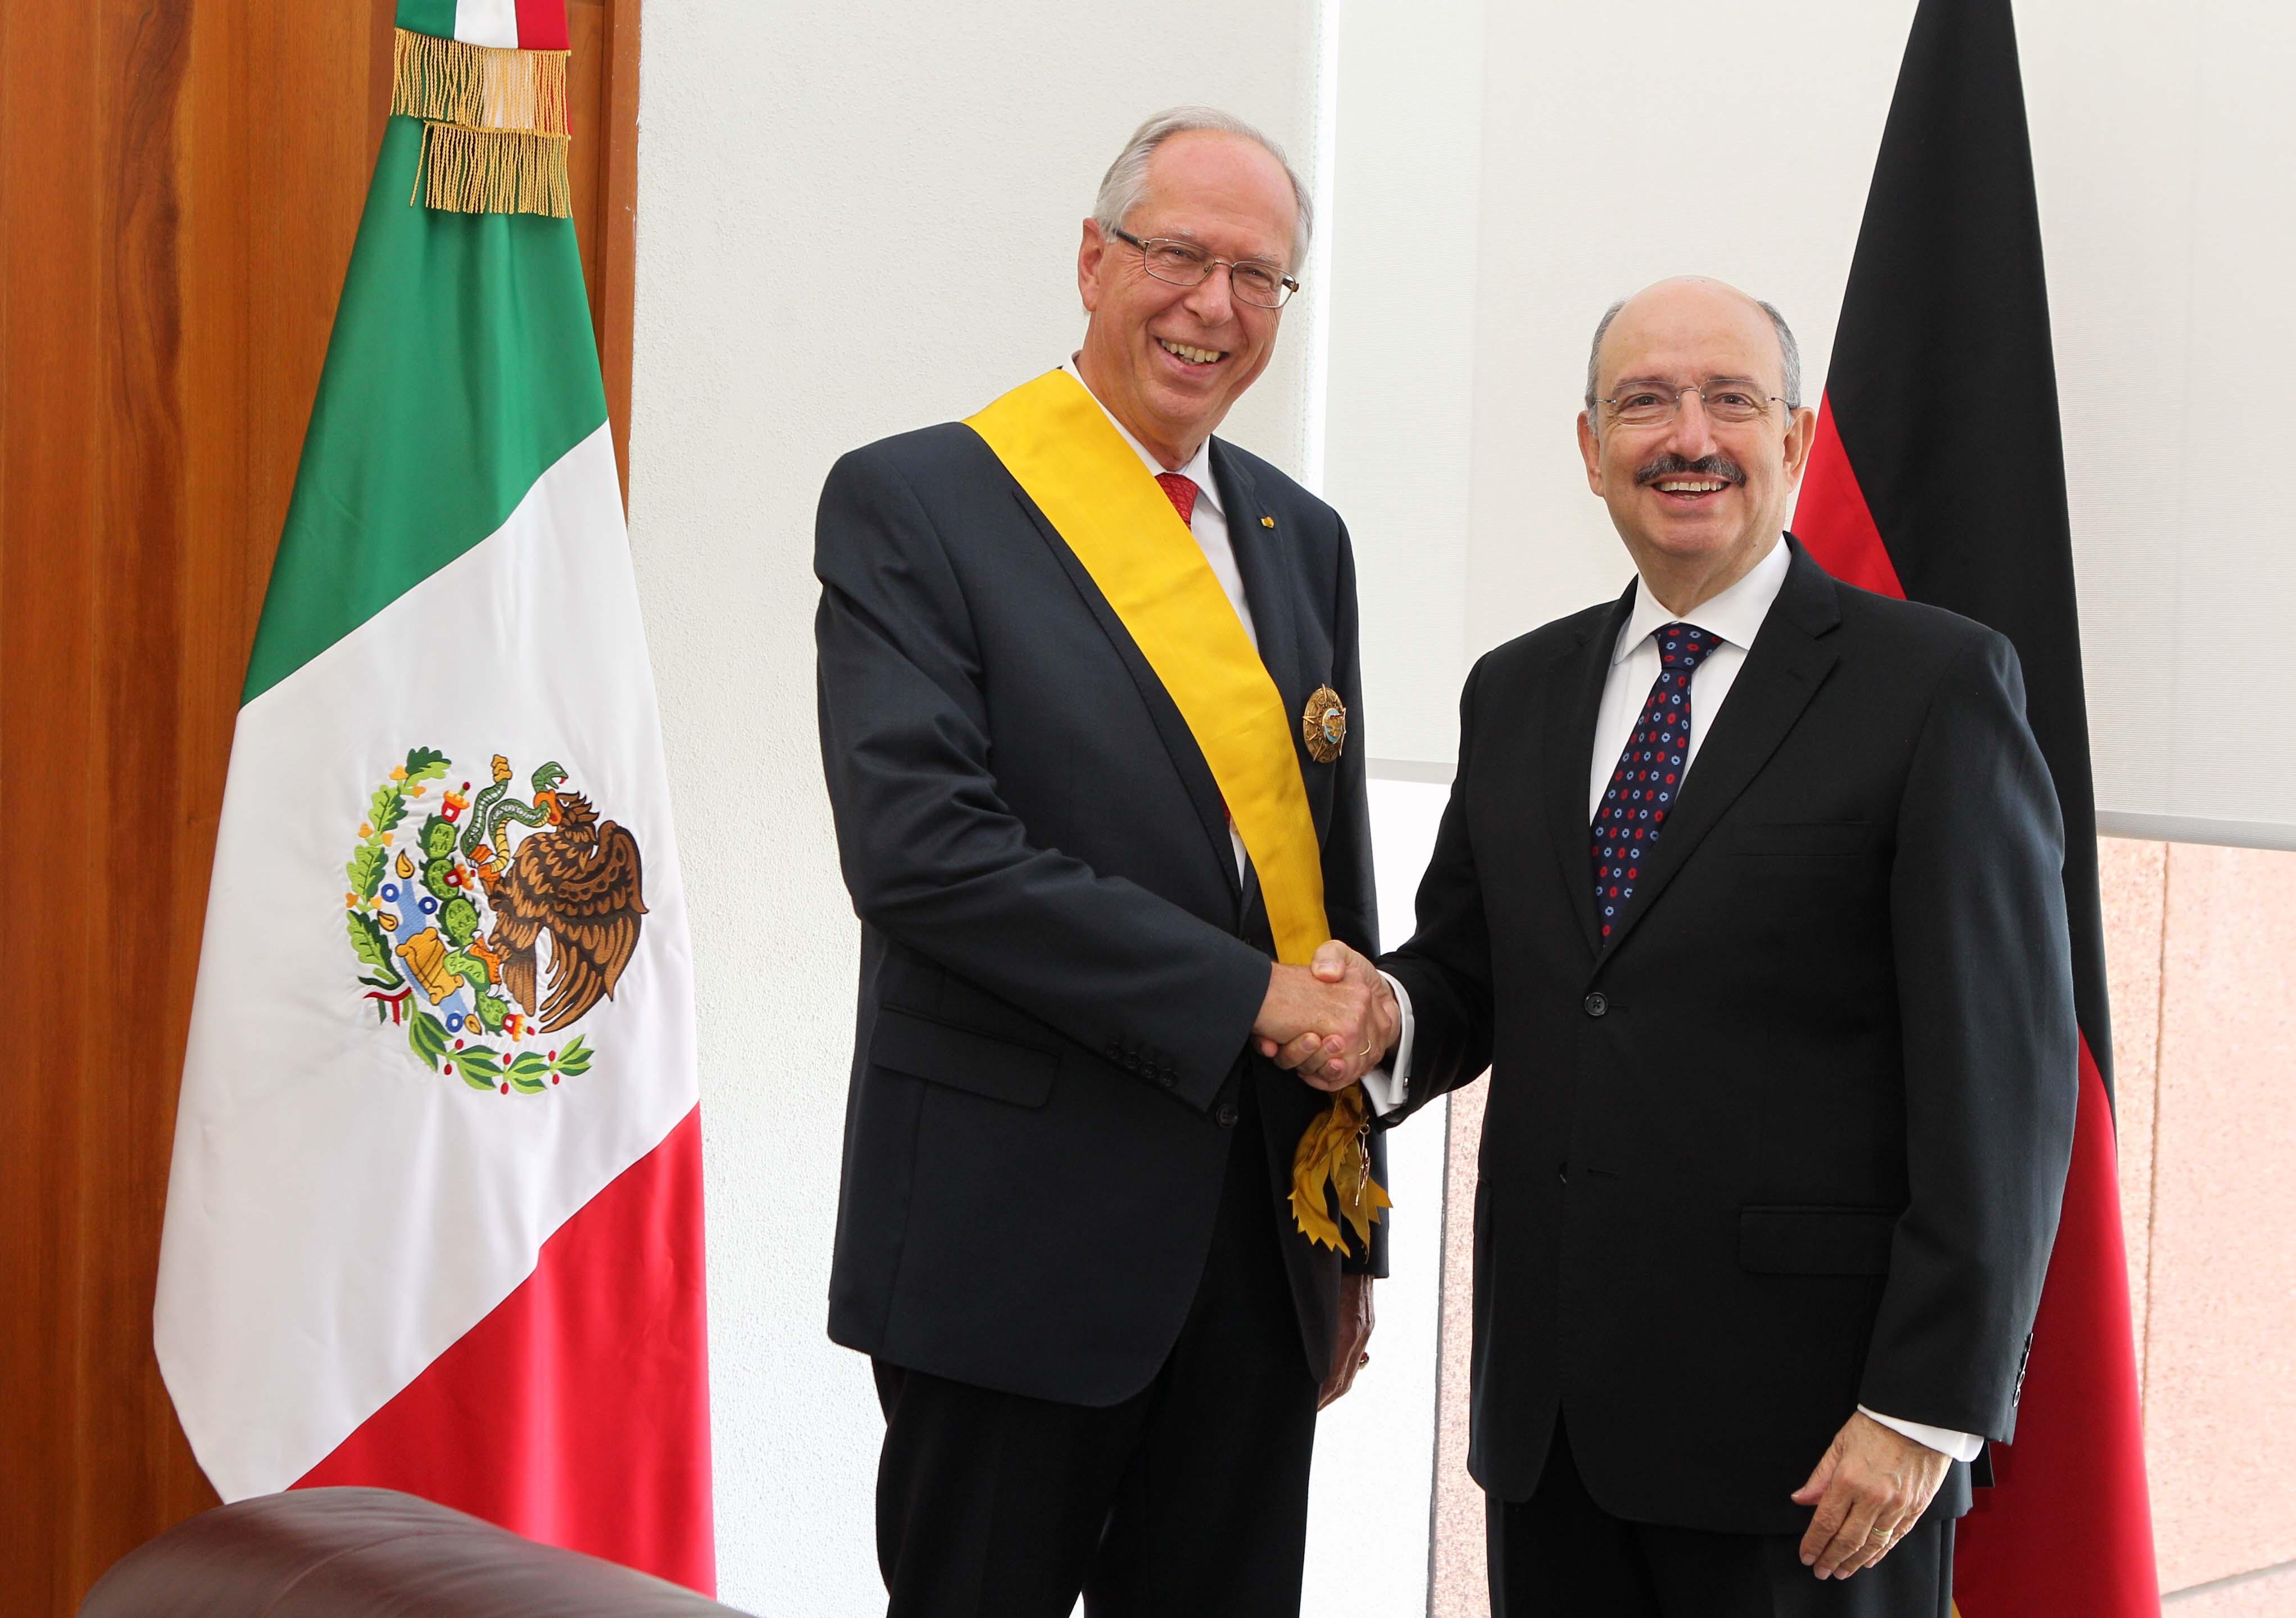 FOTO Subsecretario Carlos de Icaza con el ex Embajador de la Rep blica Federal de Alemania en nuestro pa s  Edmund Duckwitz.jpg